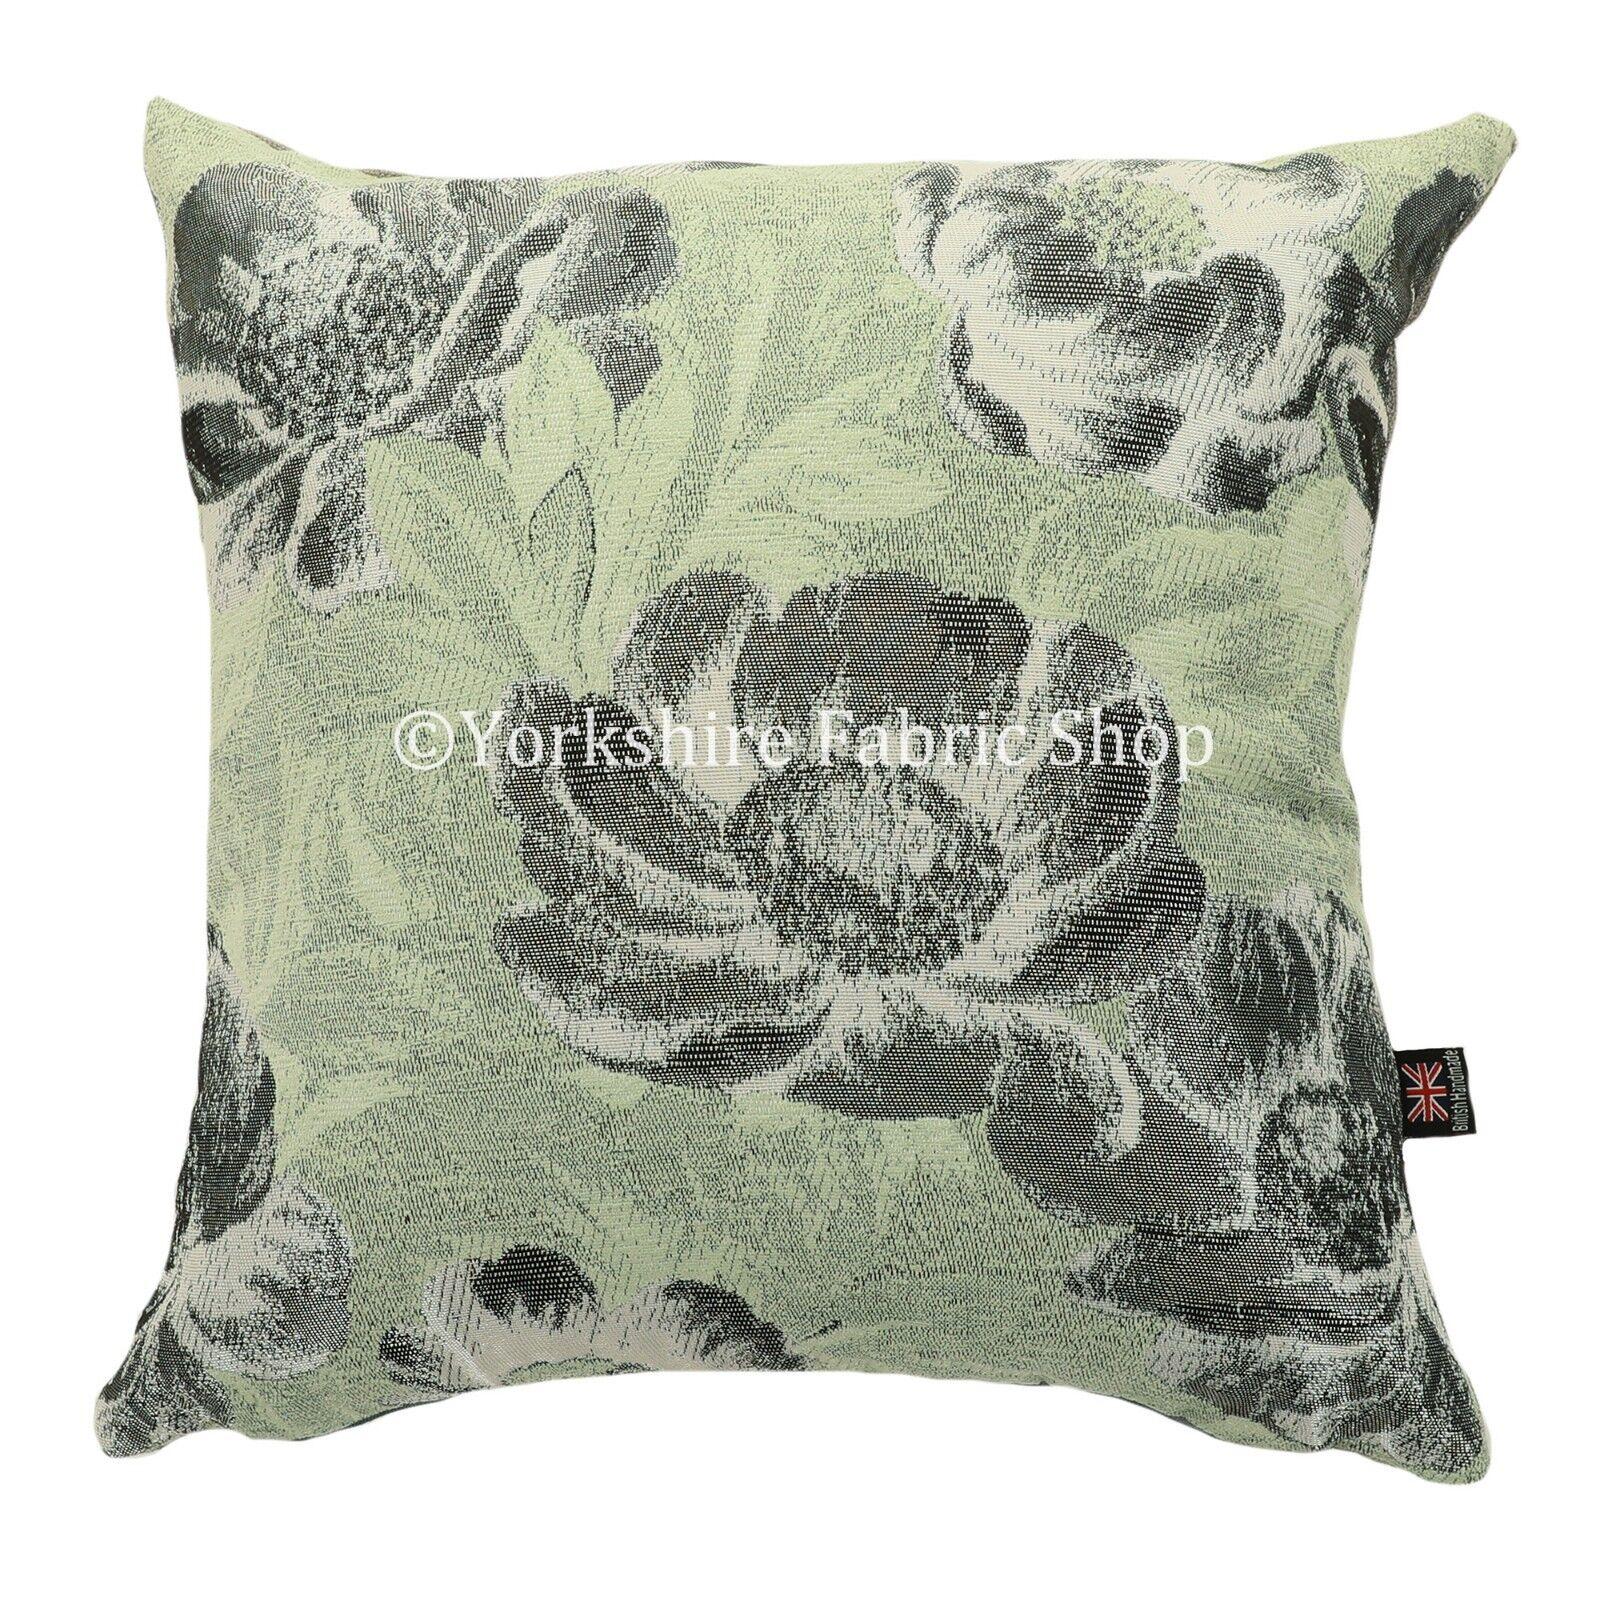 Nouveau Doux Moderne Brillant Fleur Aqua Vert Brillant Moderne TISSE Motif Floral Tissu Coussin f73fa0